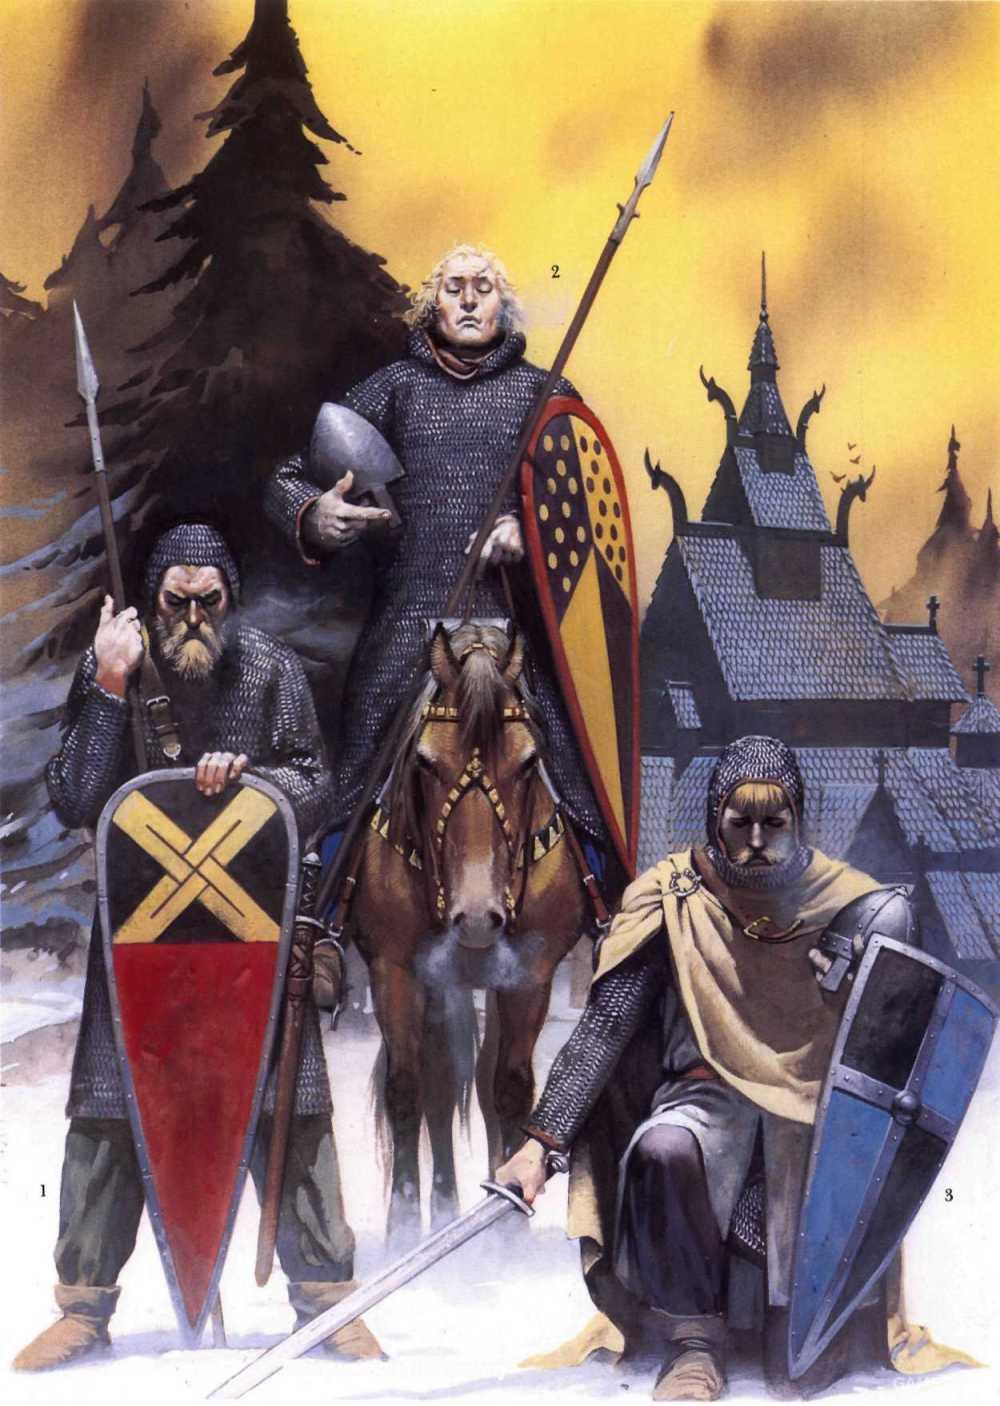 12世纪的斯堪的纳维亚武士,他们的战斗方式正逐步从步兵战术过渡到骑兵战术,武器也和南方的骑士们接近